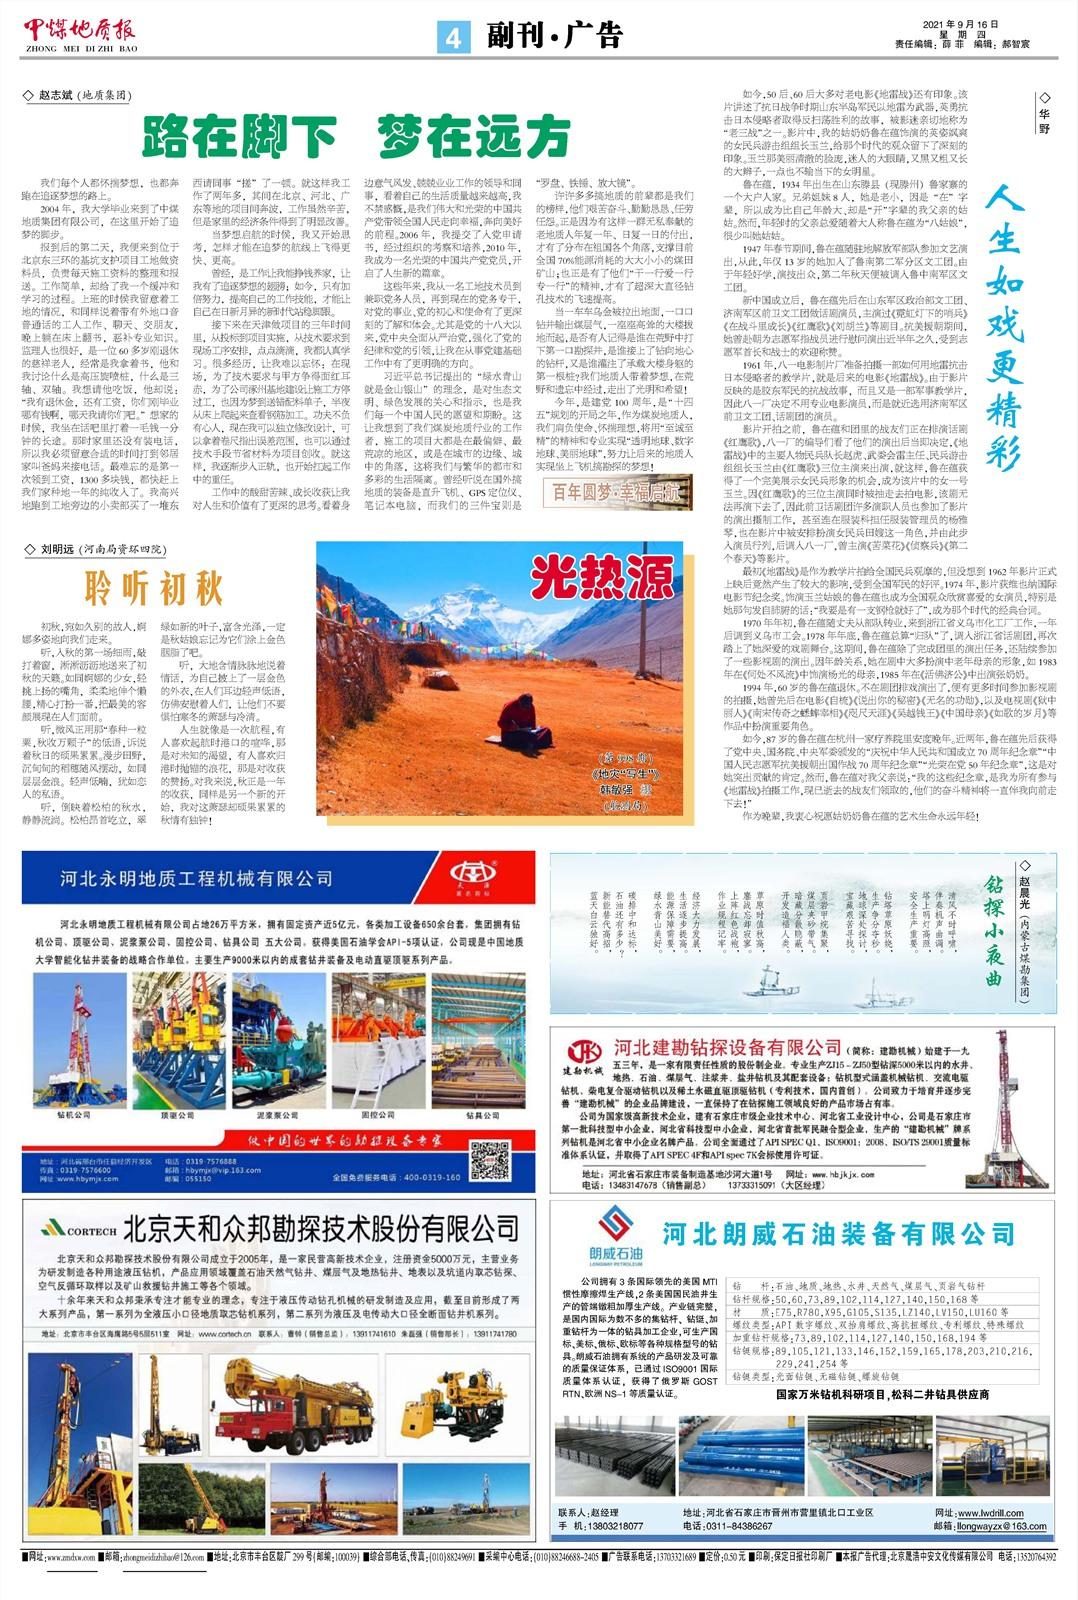 中煤地质报副刊·广告